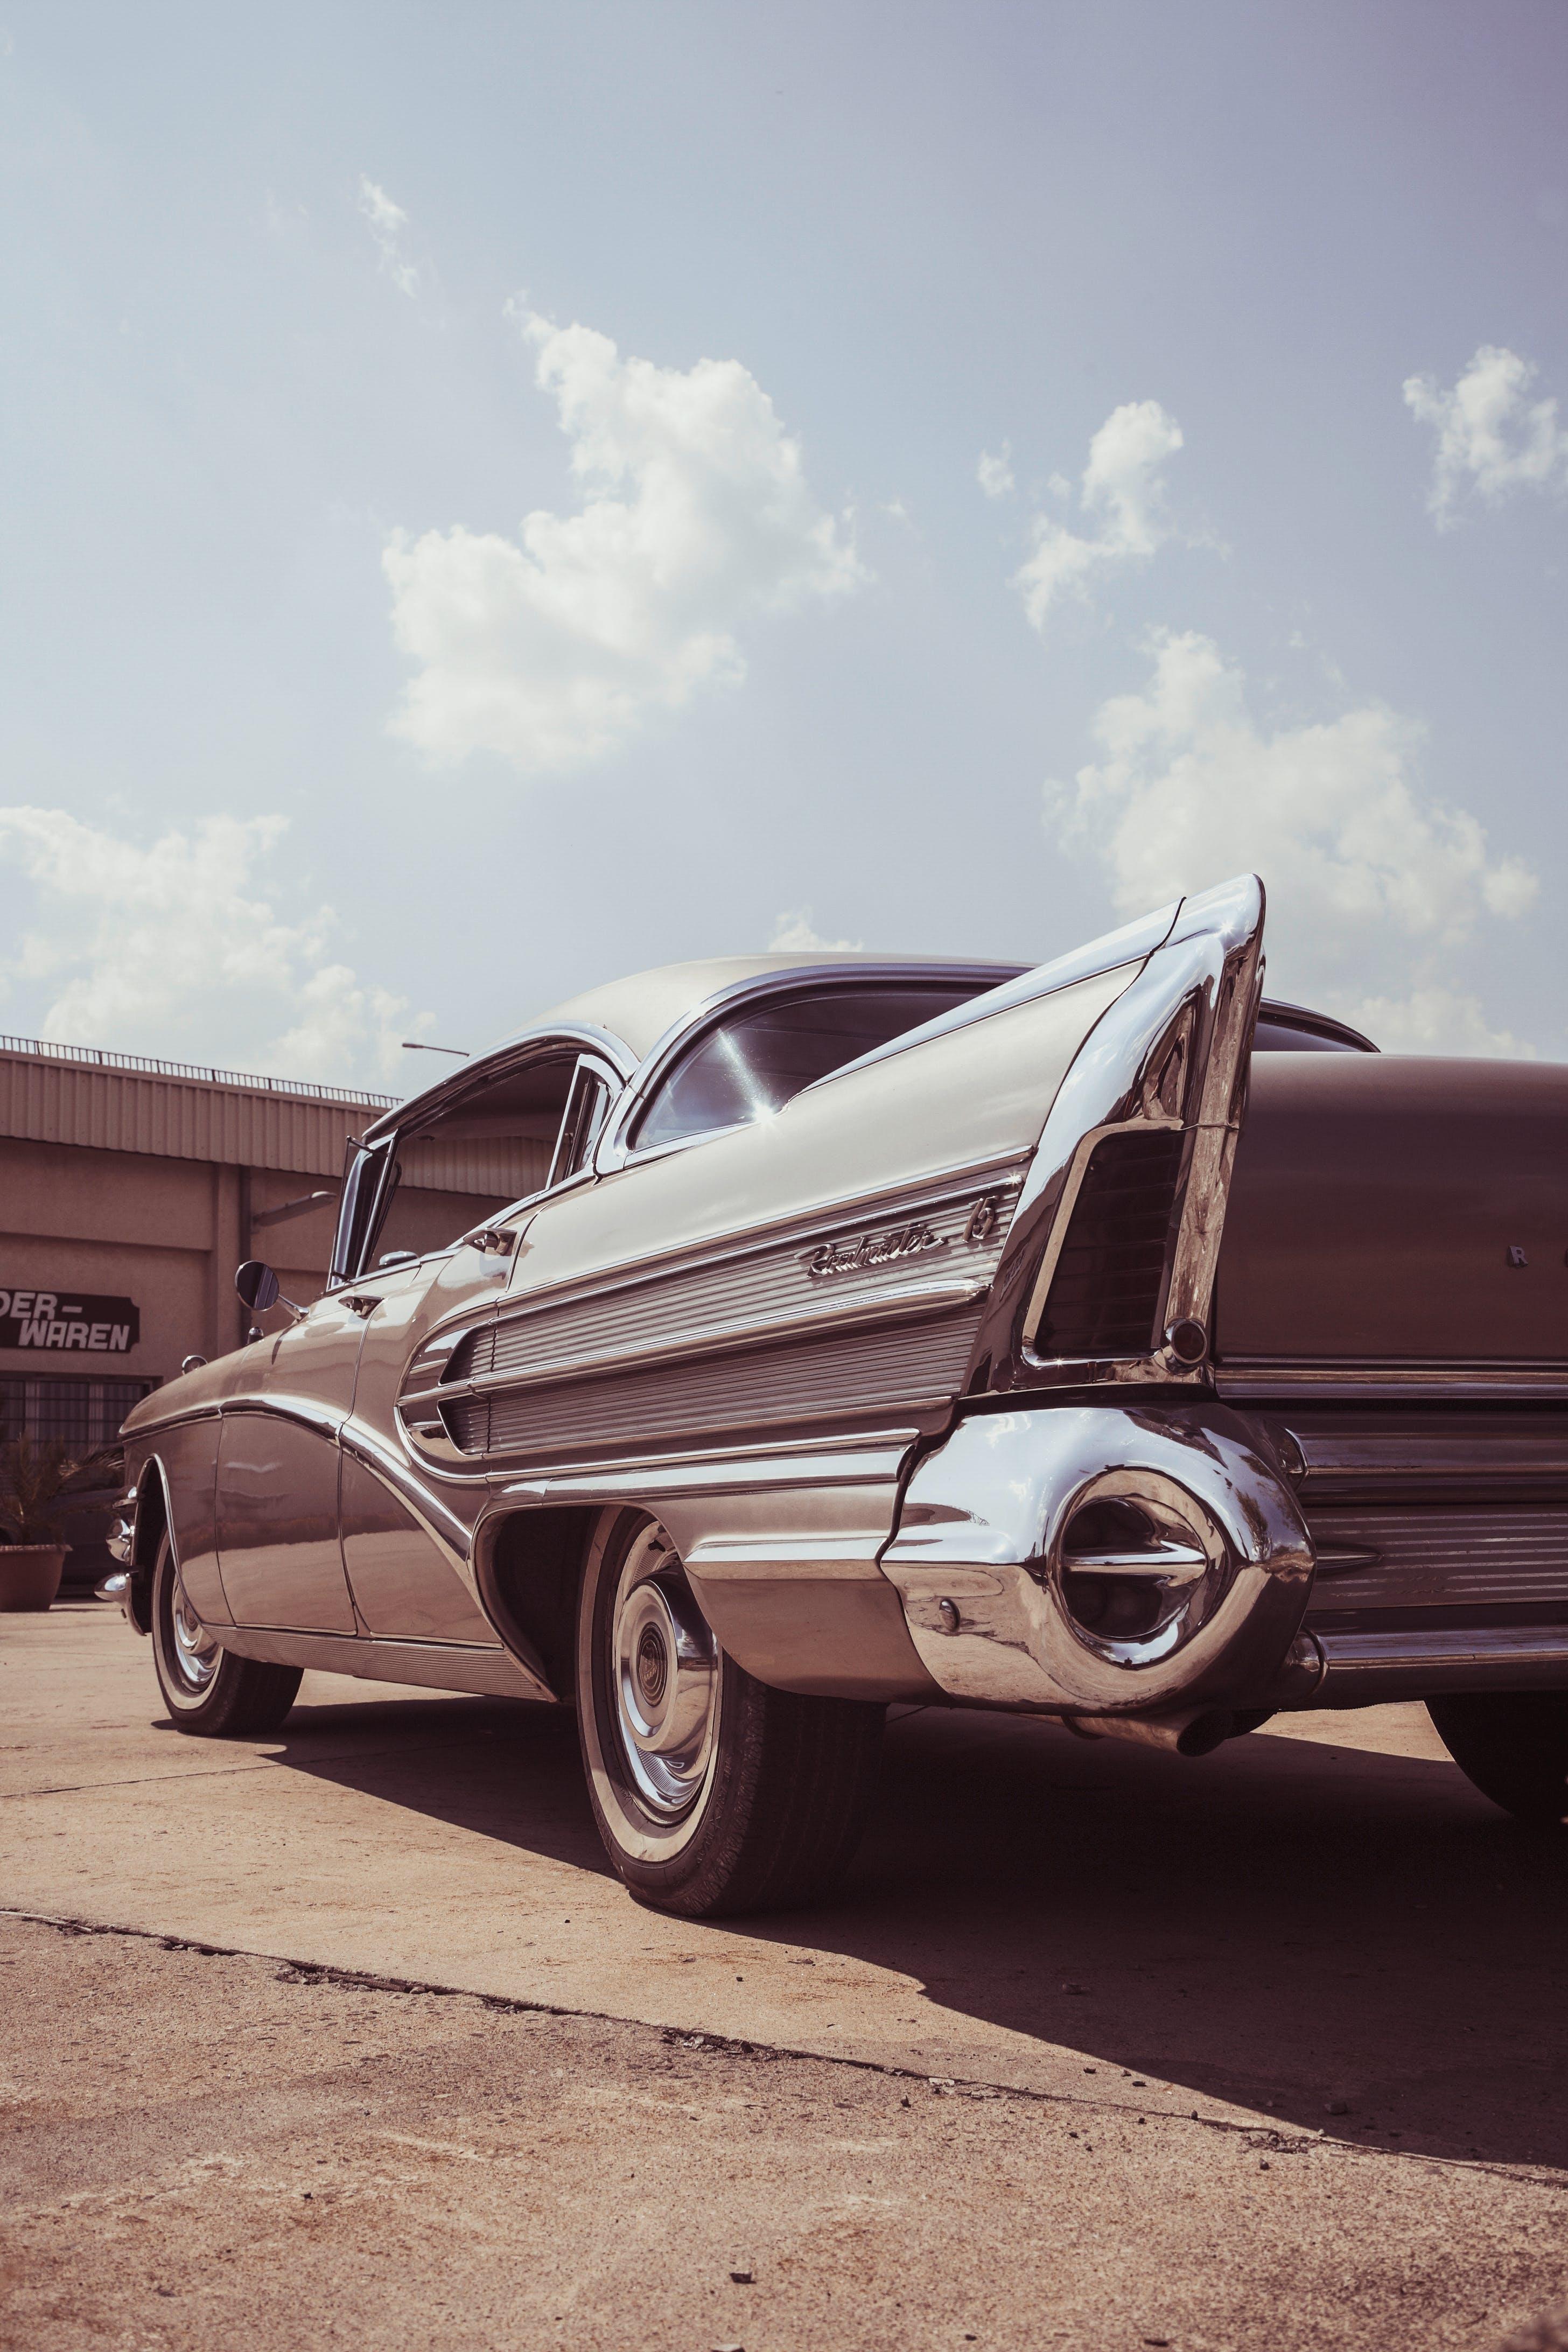 Fotos de stock gratuitas de antiguo, automotor, automóvil, buick